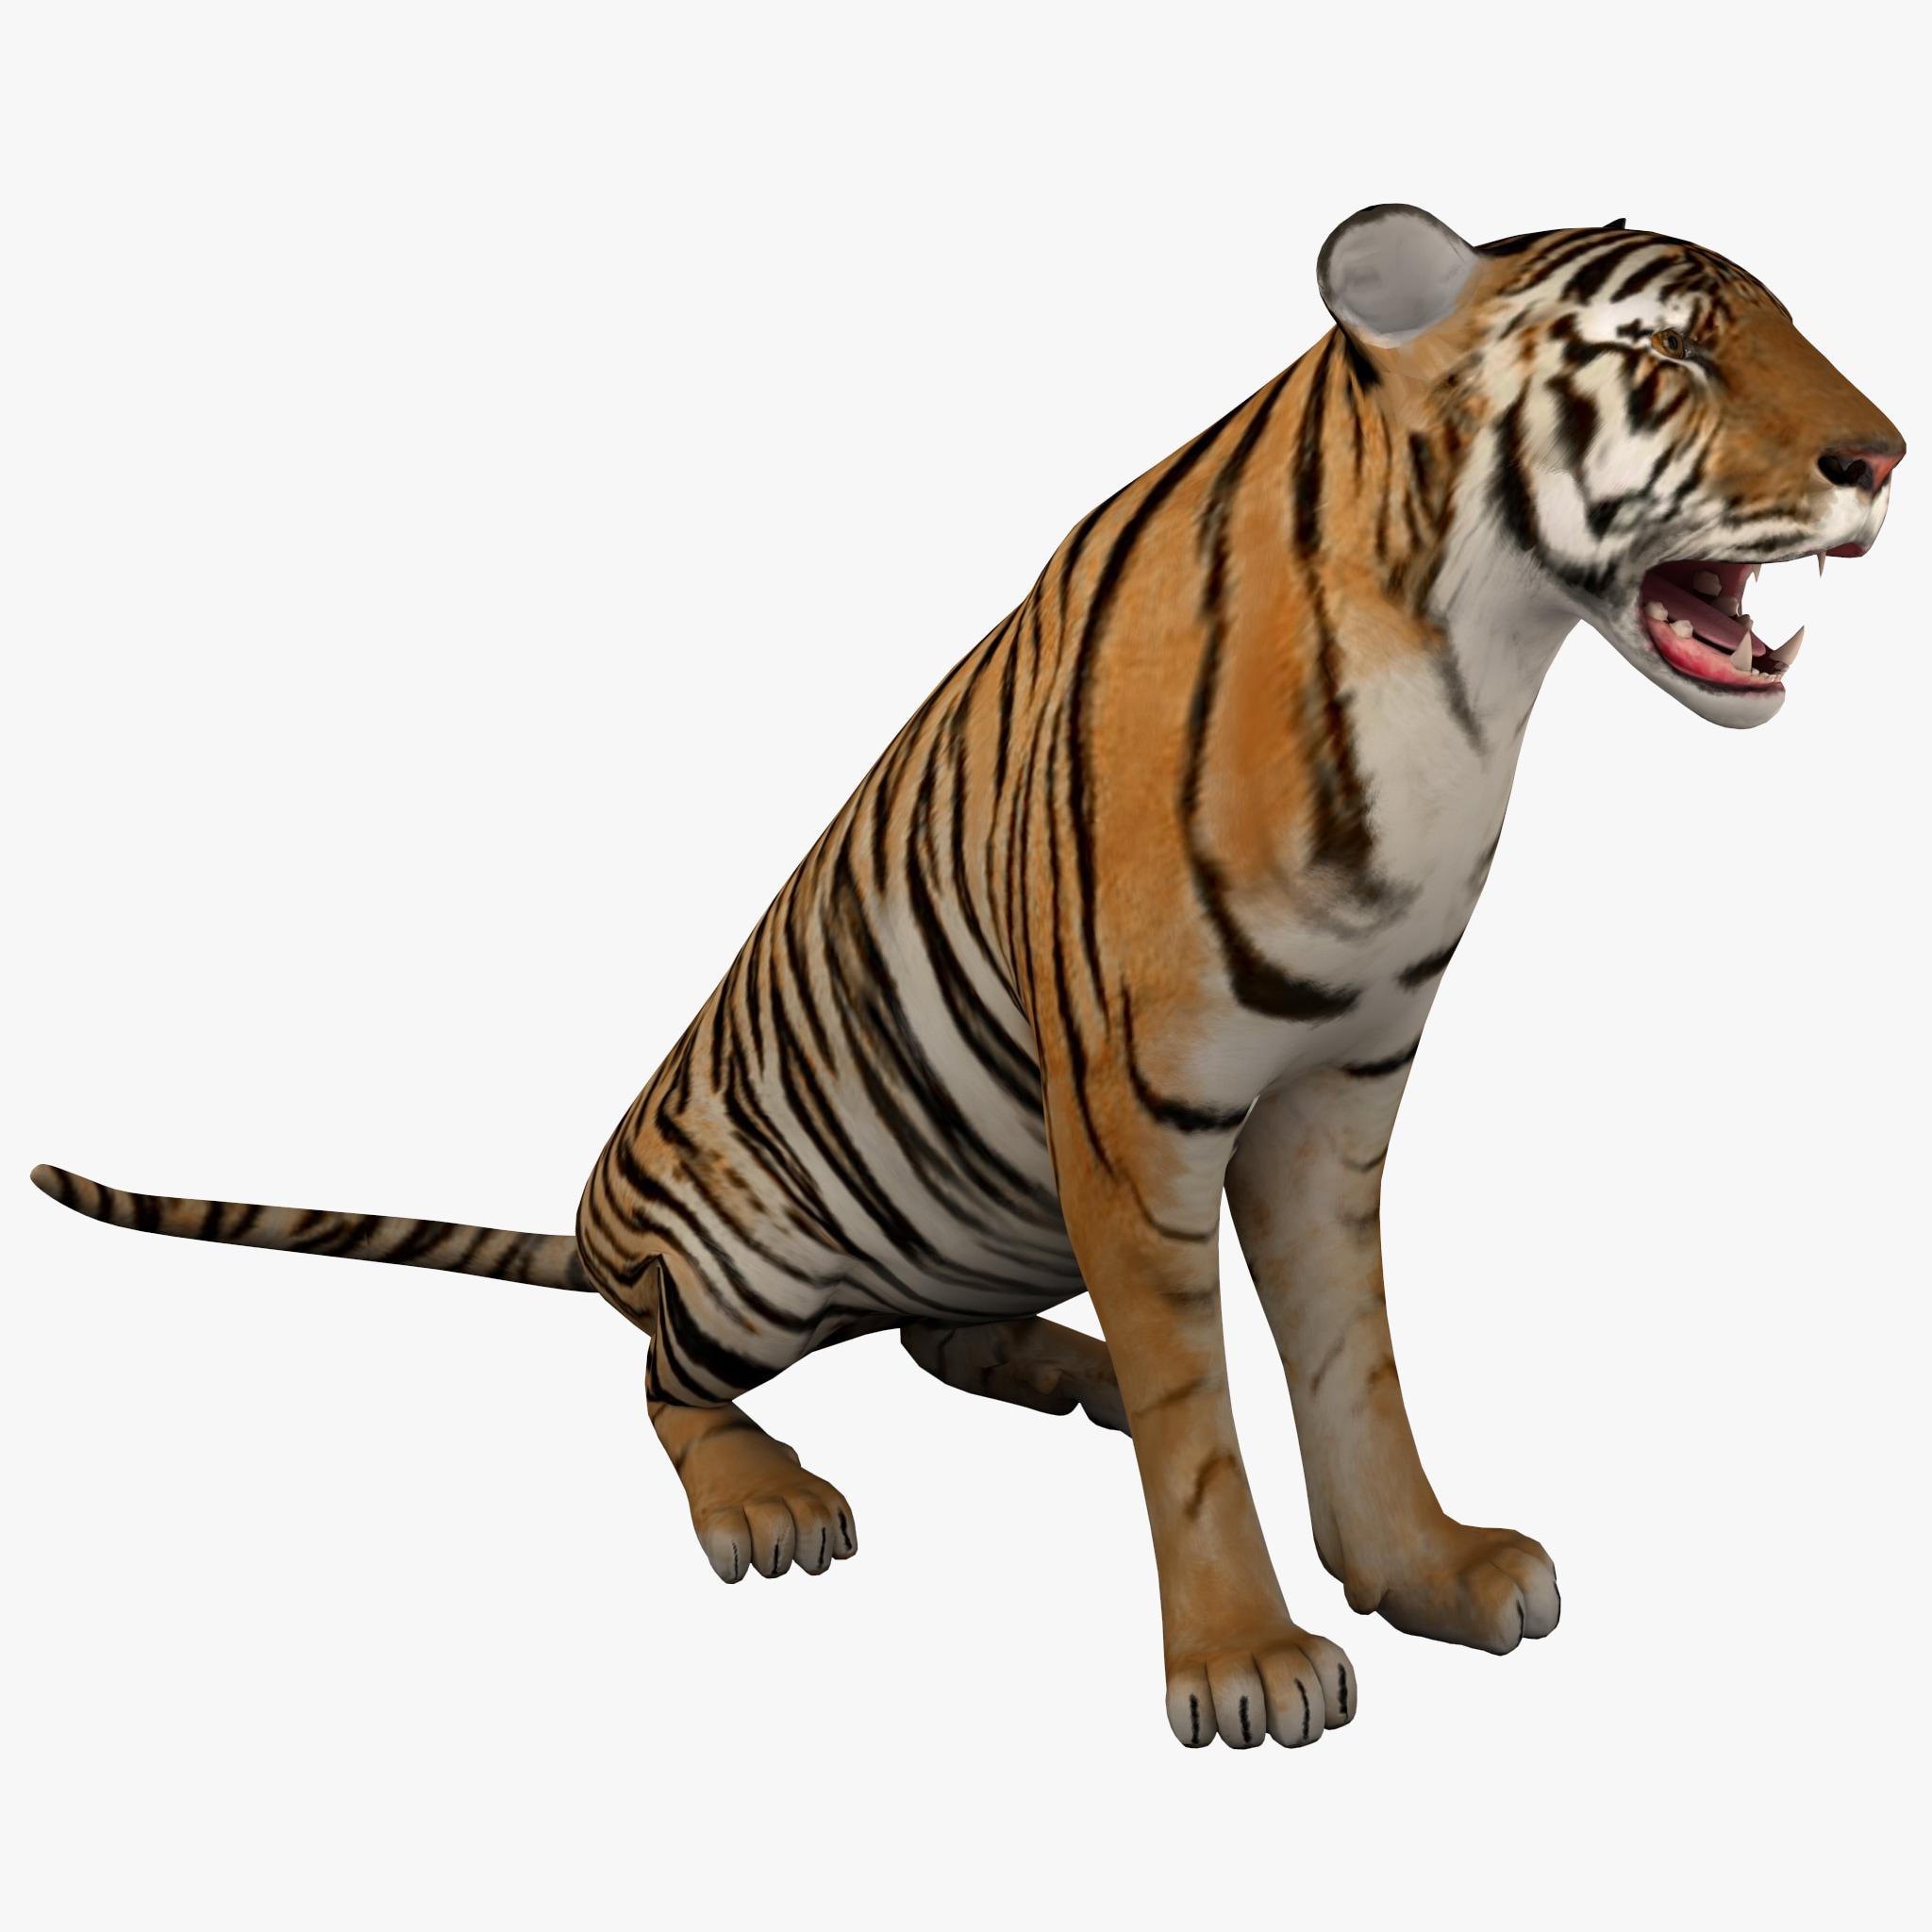 Tiger 2 Pose 3_1.jpg